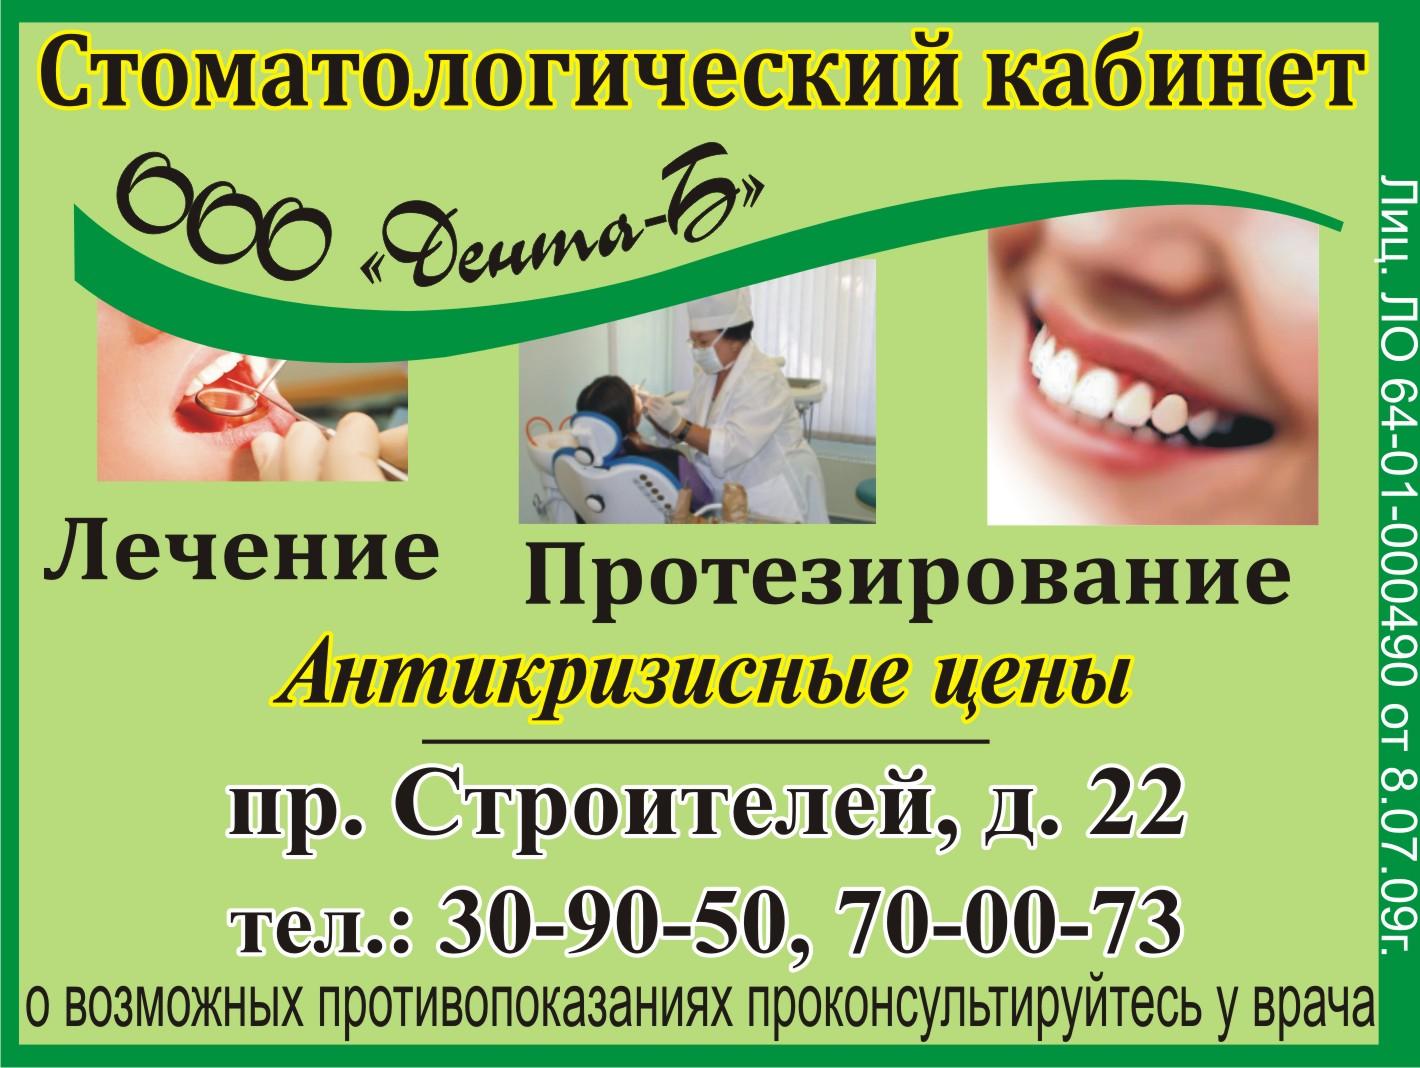 Стоматологический кабинет Дента-Б